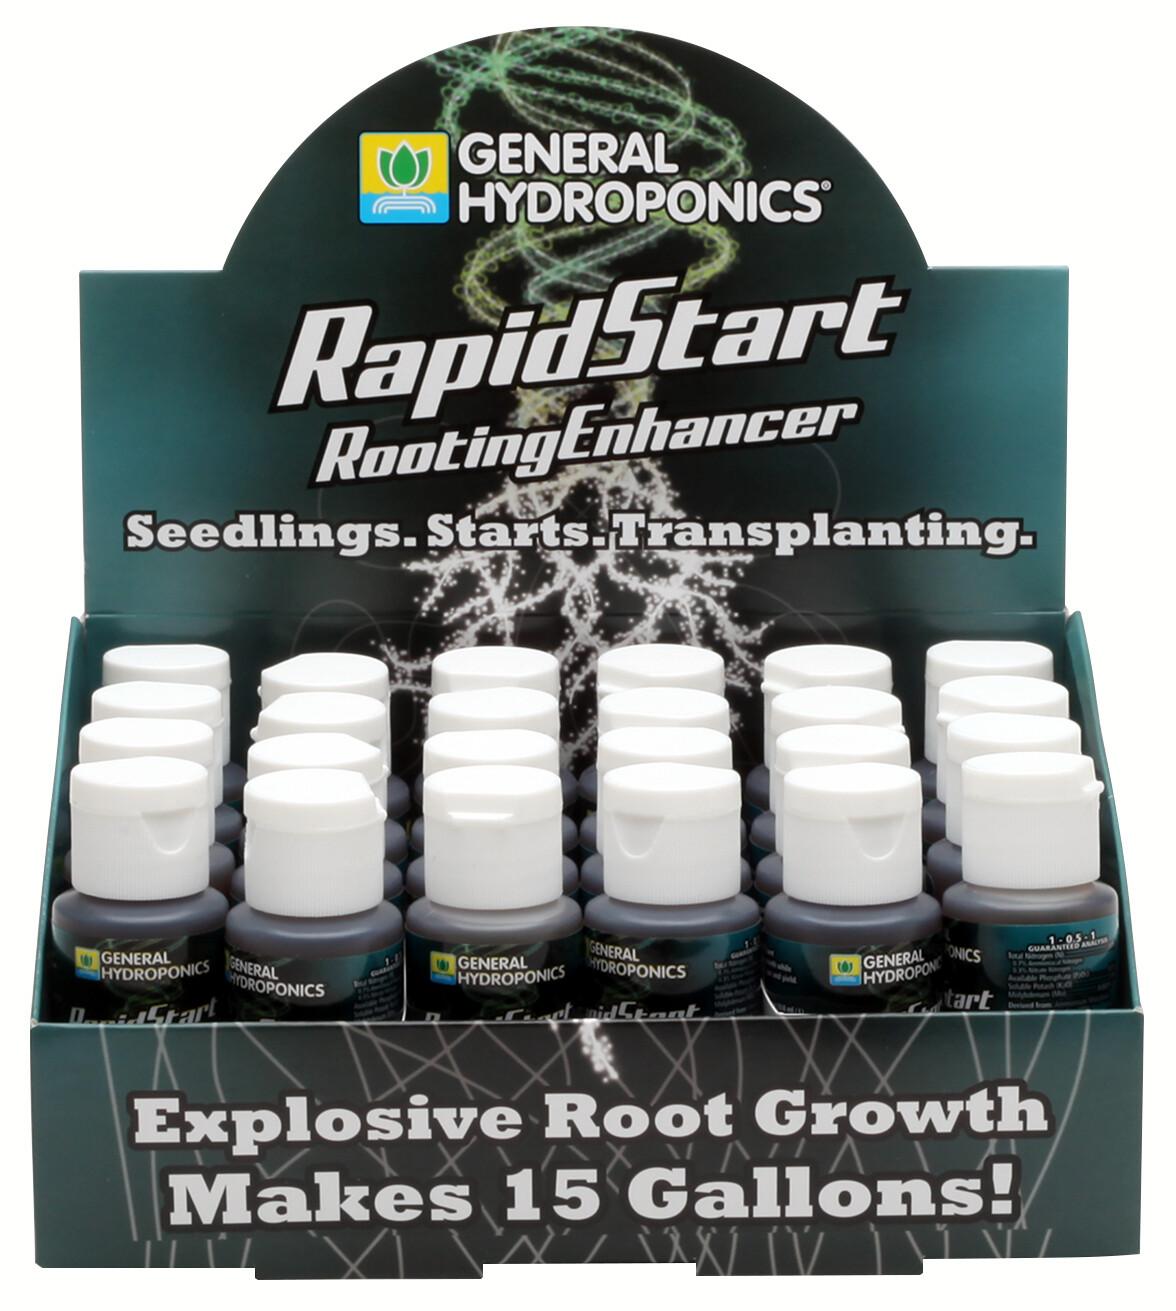 General Hydroponics Rapid Start